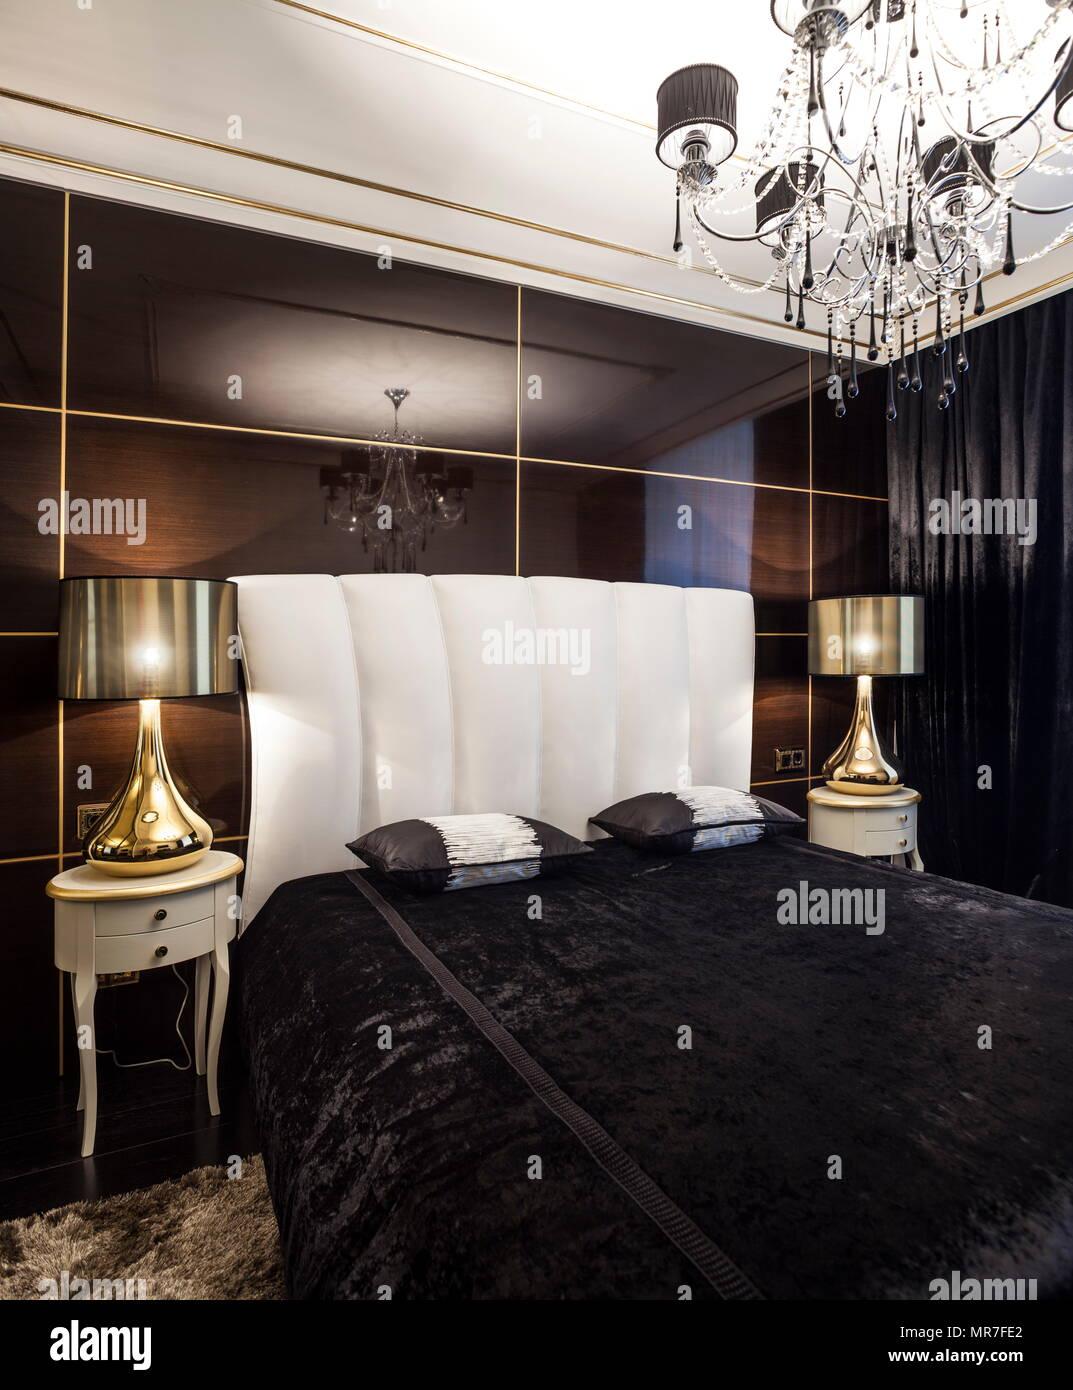 Elegante camera da letto letto nero con testiera bianco e lampadari ...